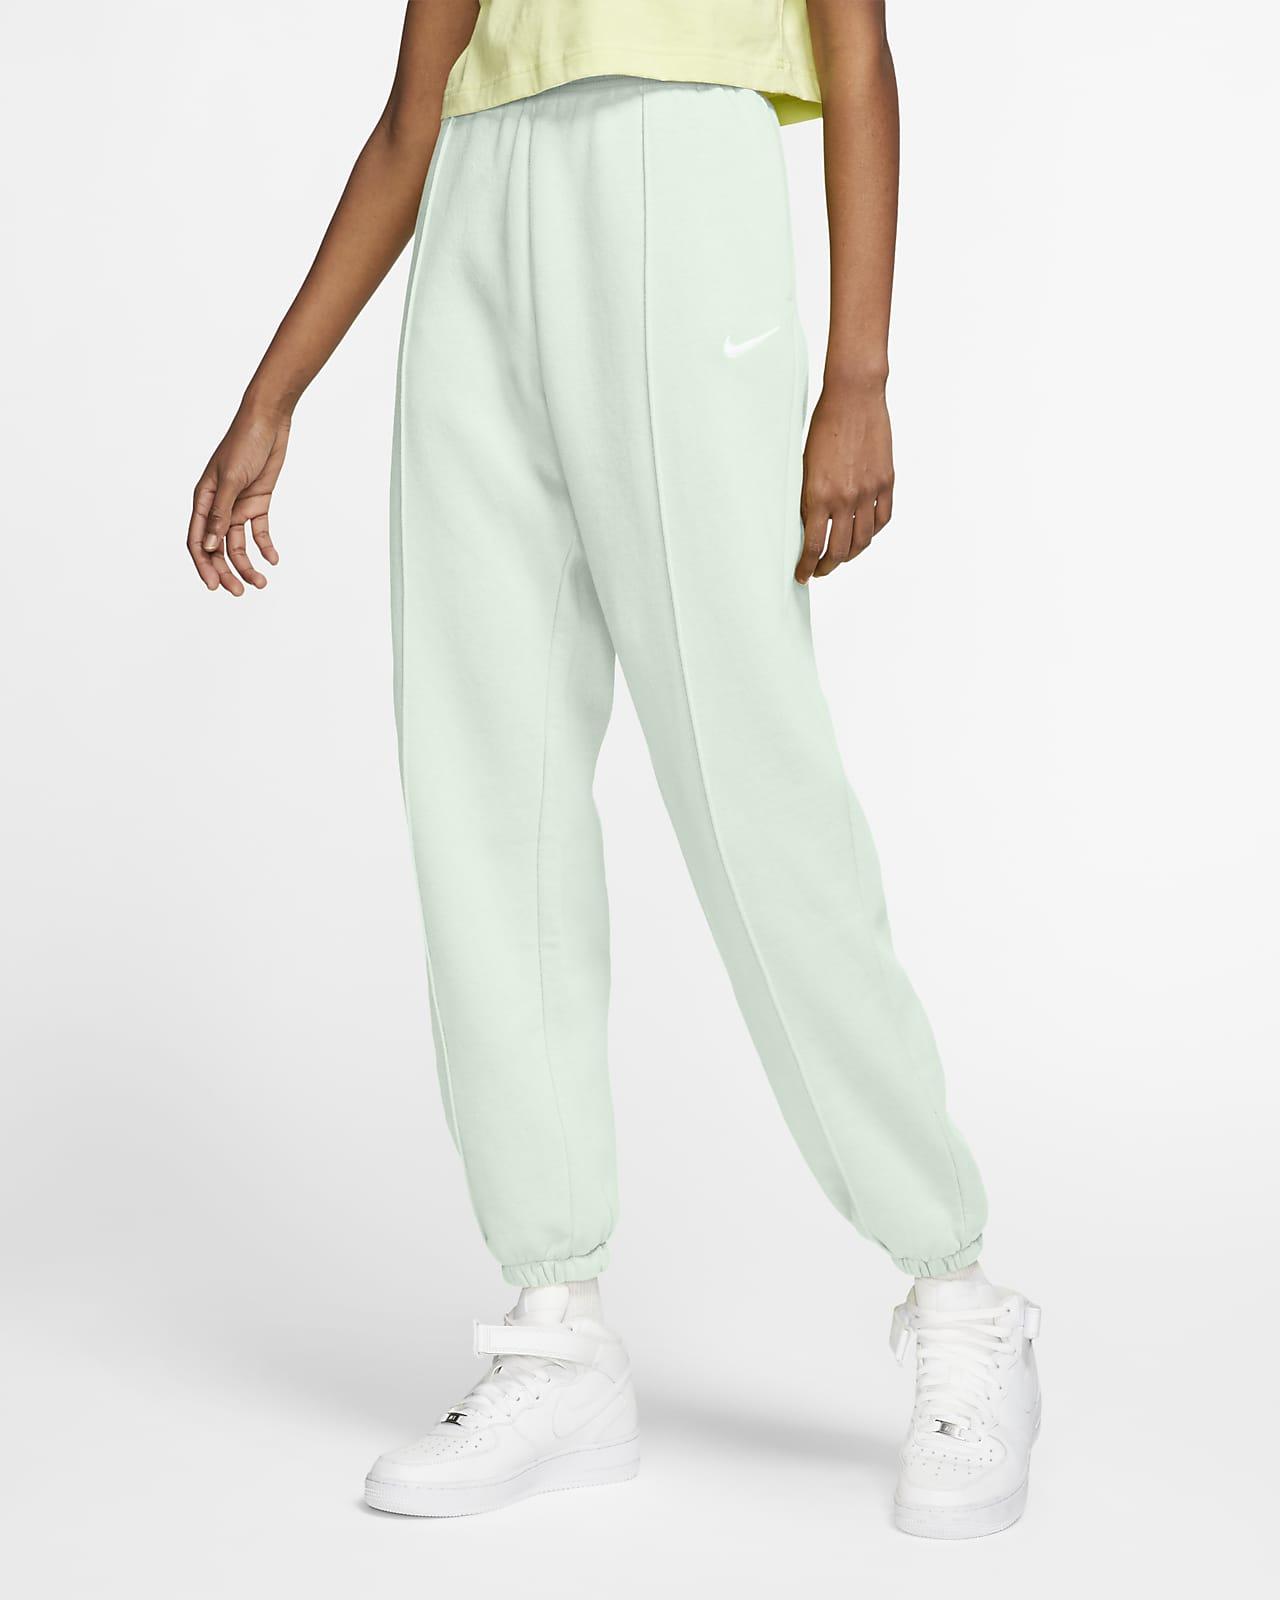 Nike Sportswear Essential Women's Fleece Pants